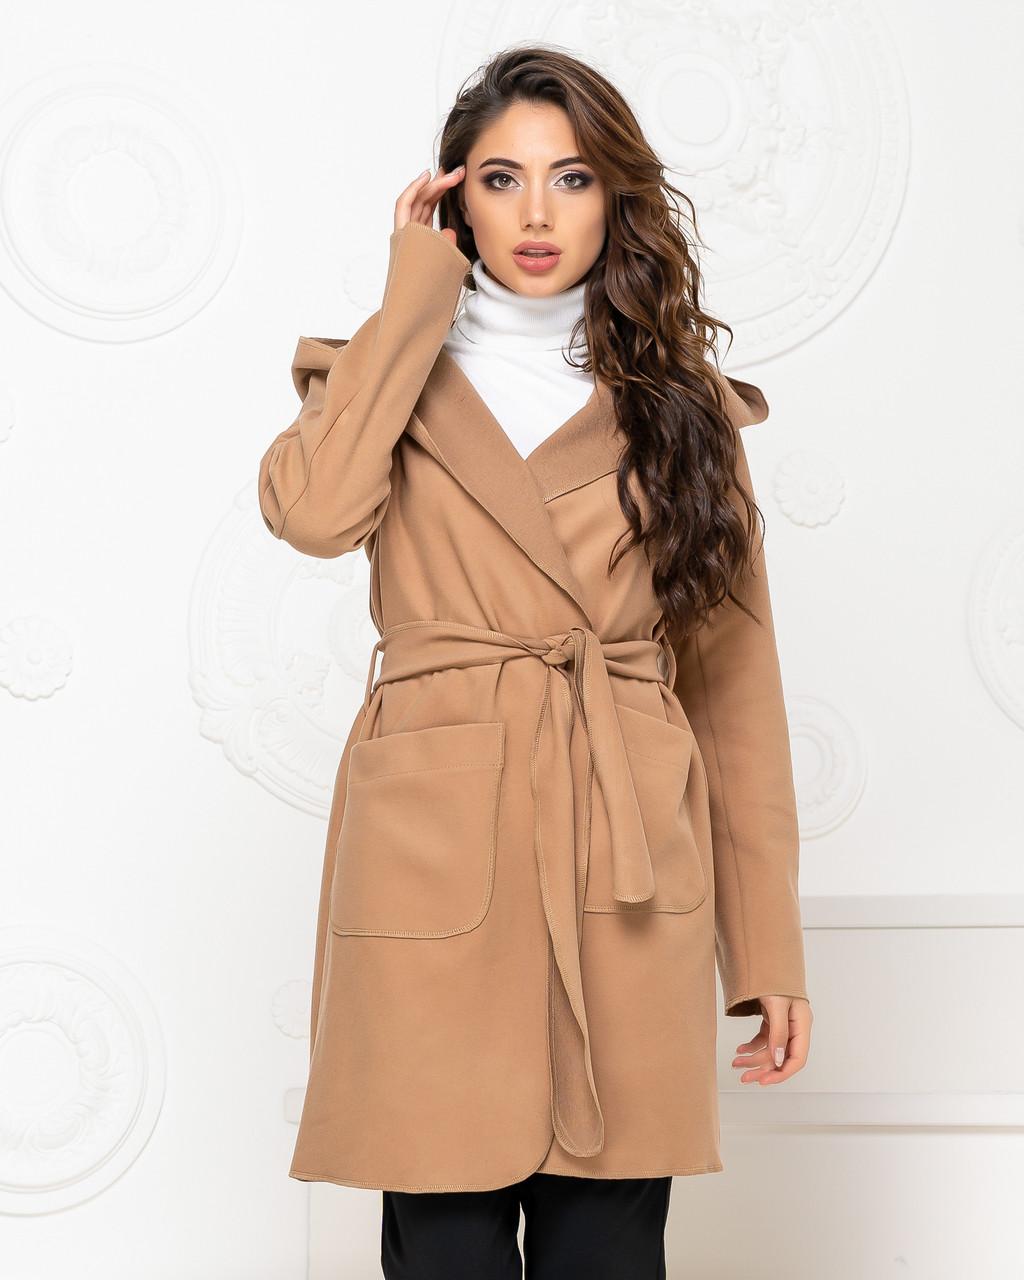 Пальто с капюшоном и поясом NOBILITAS 42 - 48 коричневое кашемир (арт. 20011)